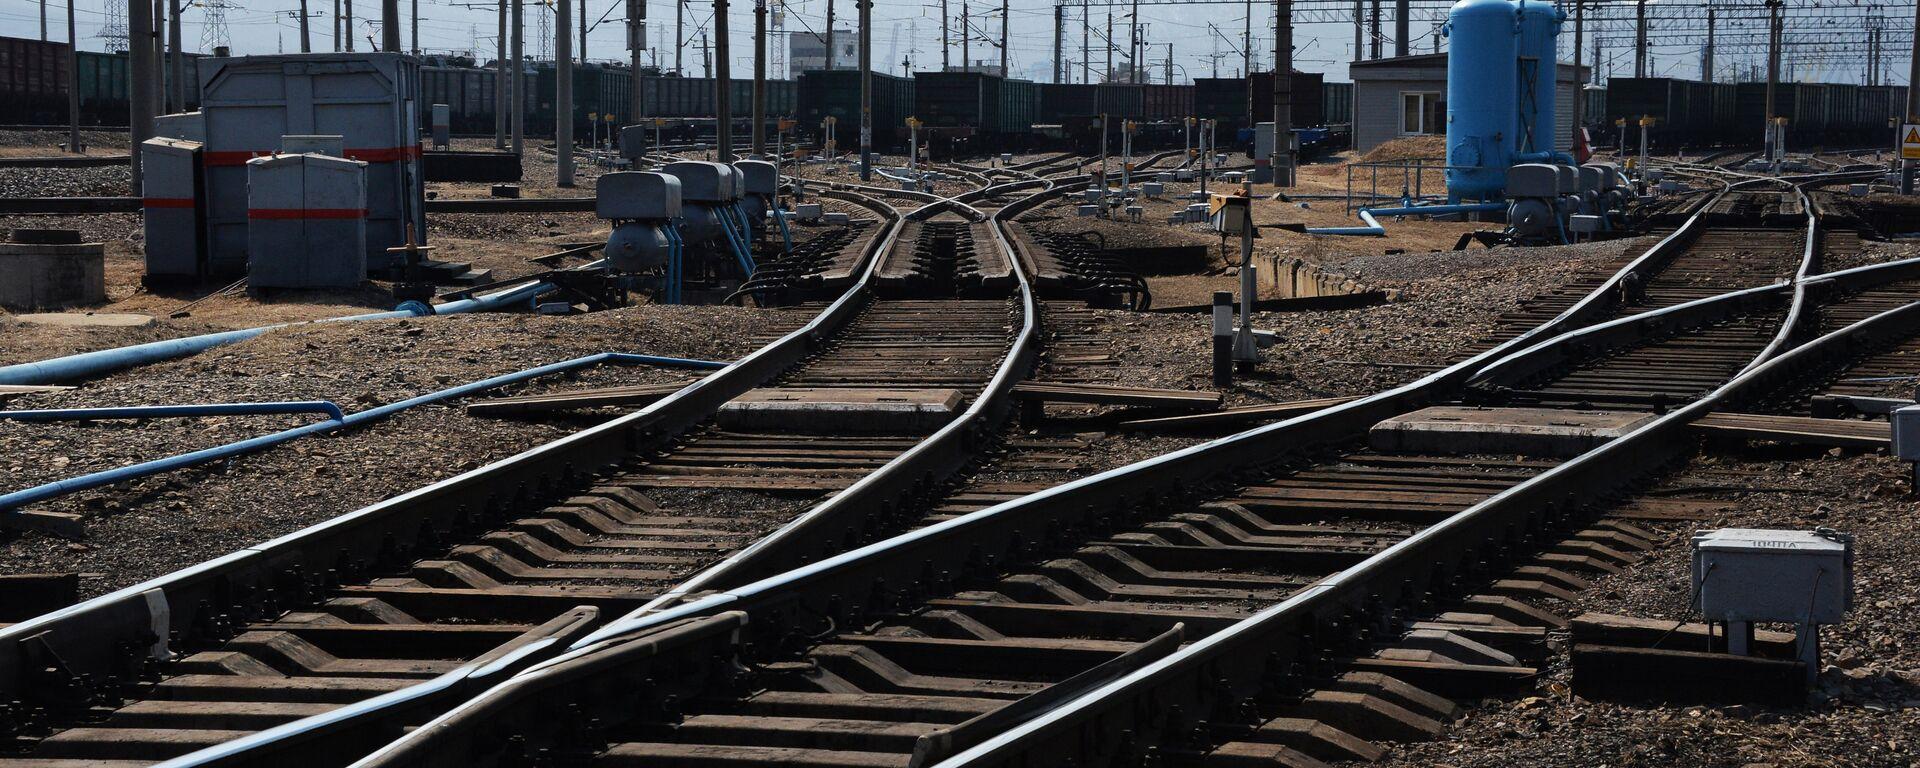 Крупнейшая припортовая ж/д станция Дальневосточной железной дороги Находка - Восточная - Sputnik Армения, 1920, 30.05.2021